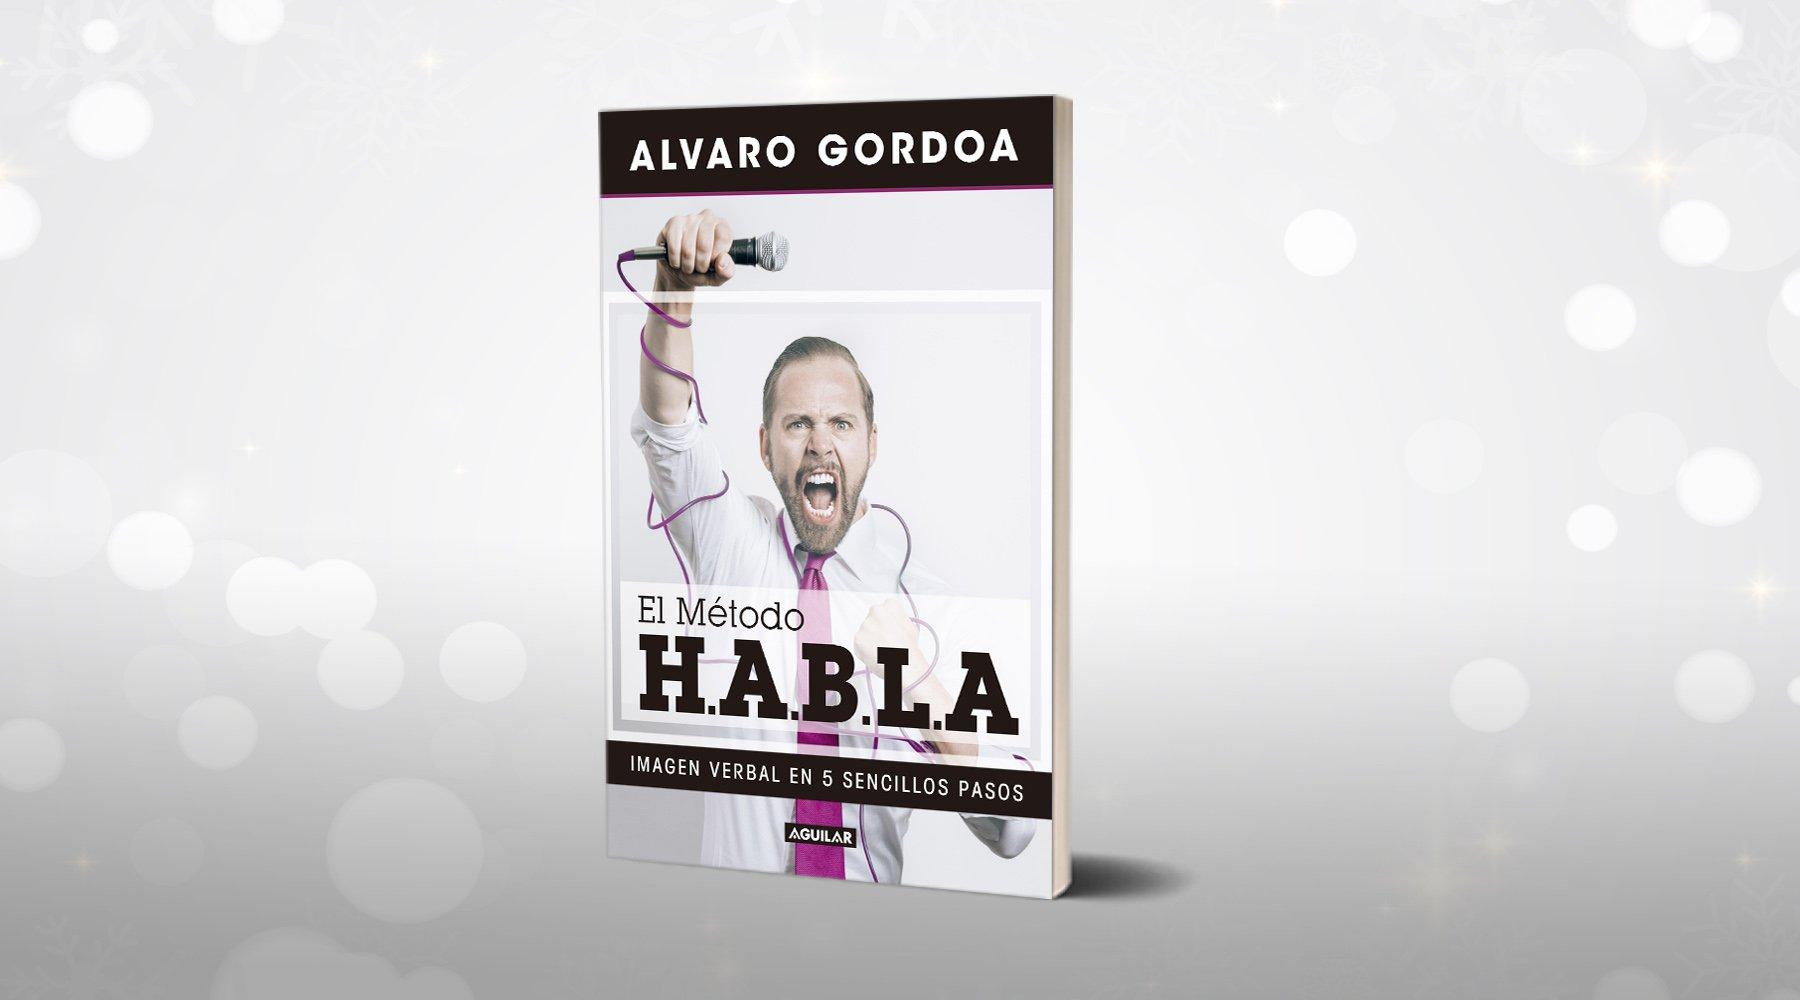 """Me Gusta Leer México on Twitter: """"🎉 ¡Felicidades @AlvaroGordoa, tu libro EL  MÉTODO H.A.B.L.A. aparece en el top 10 de libros impresos en español más ..."""